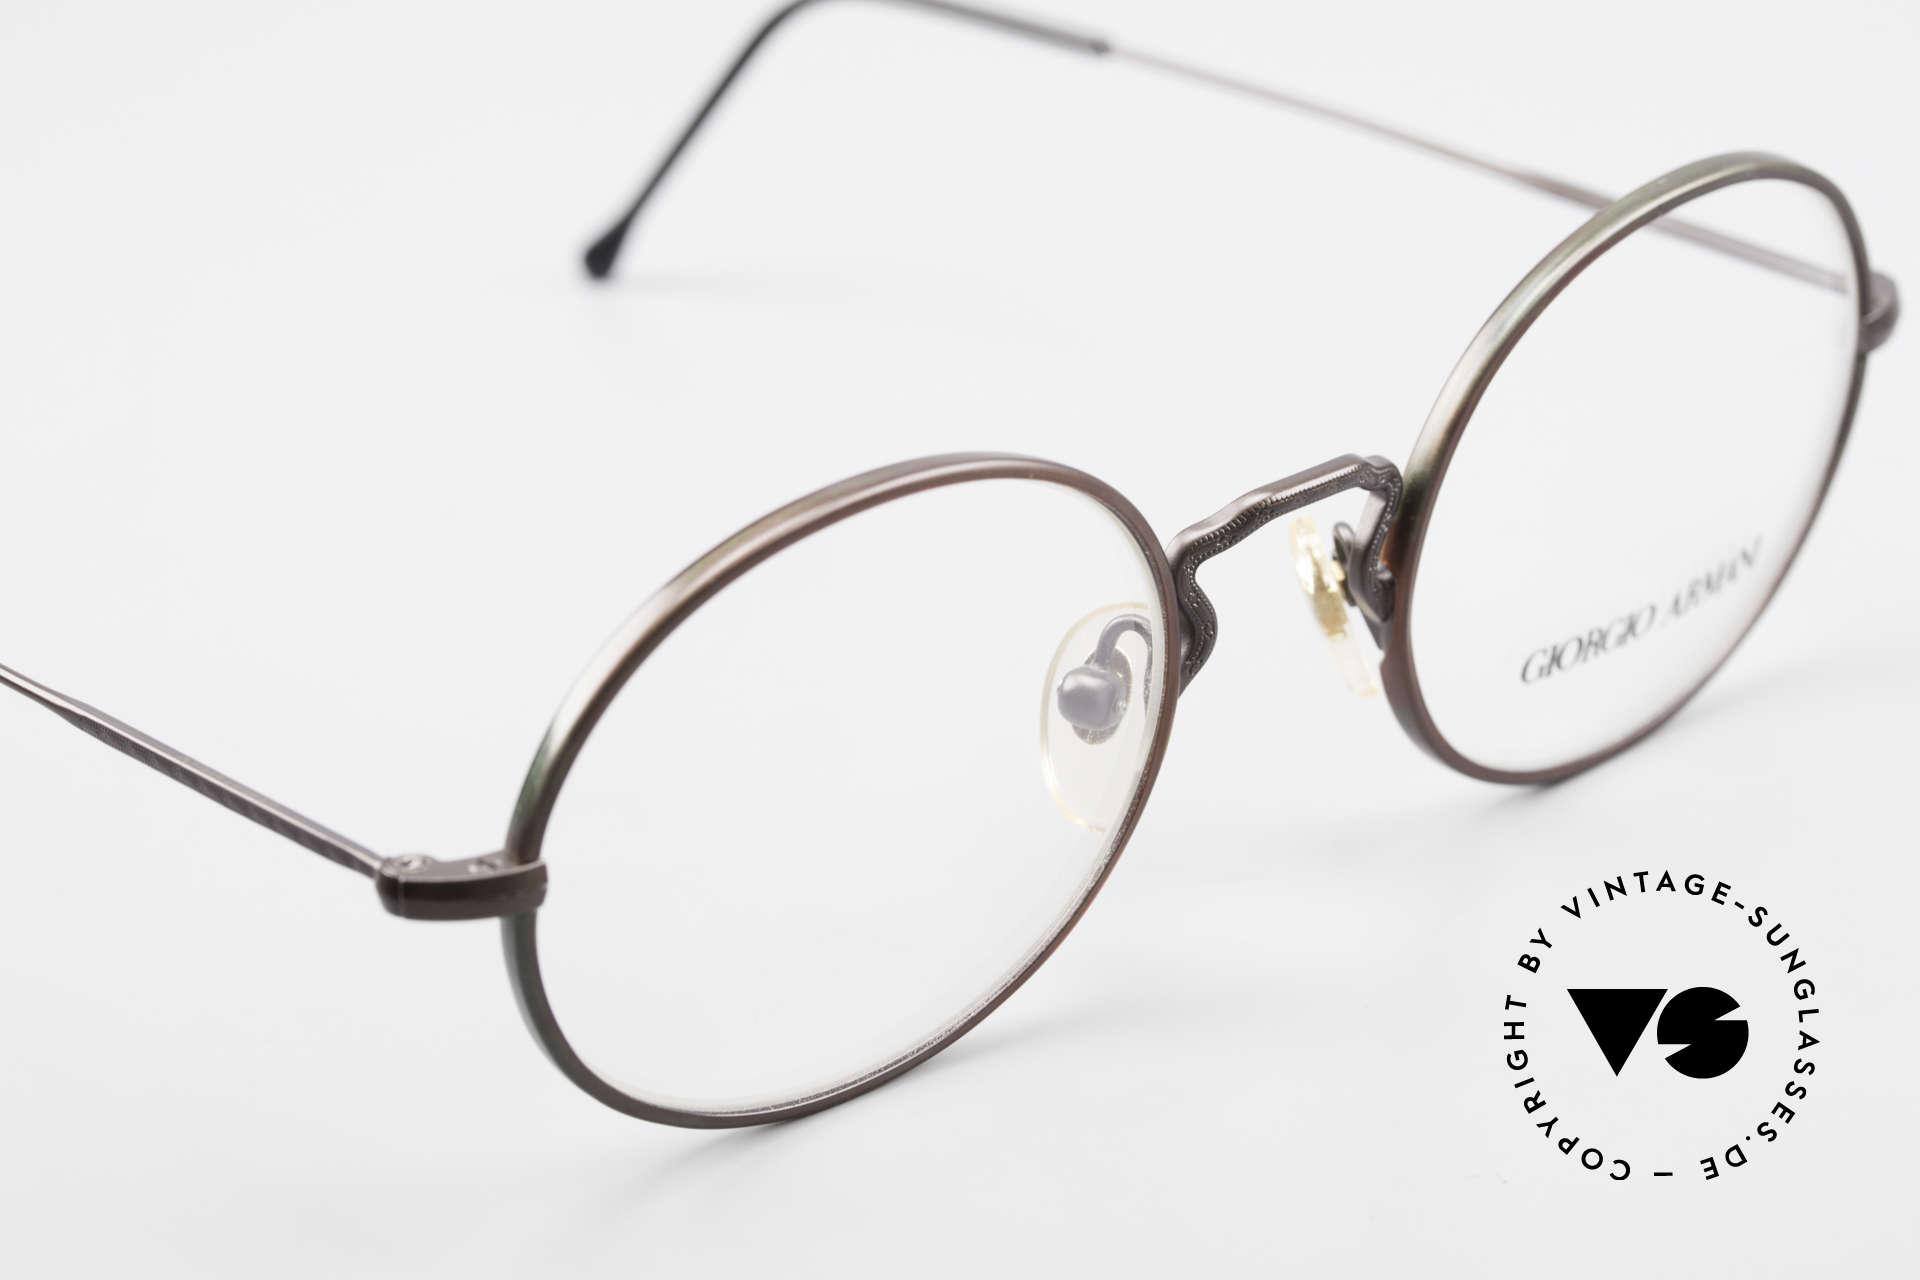 Giorgio Armani 247 Lackierung Glänzt Braun Grün, KEINE Retrobrille, sondern ein 90er Jahre Original, Passend für Herren